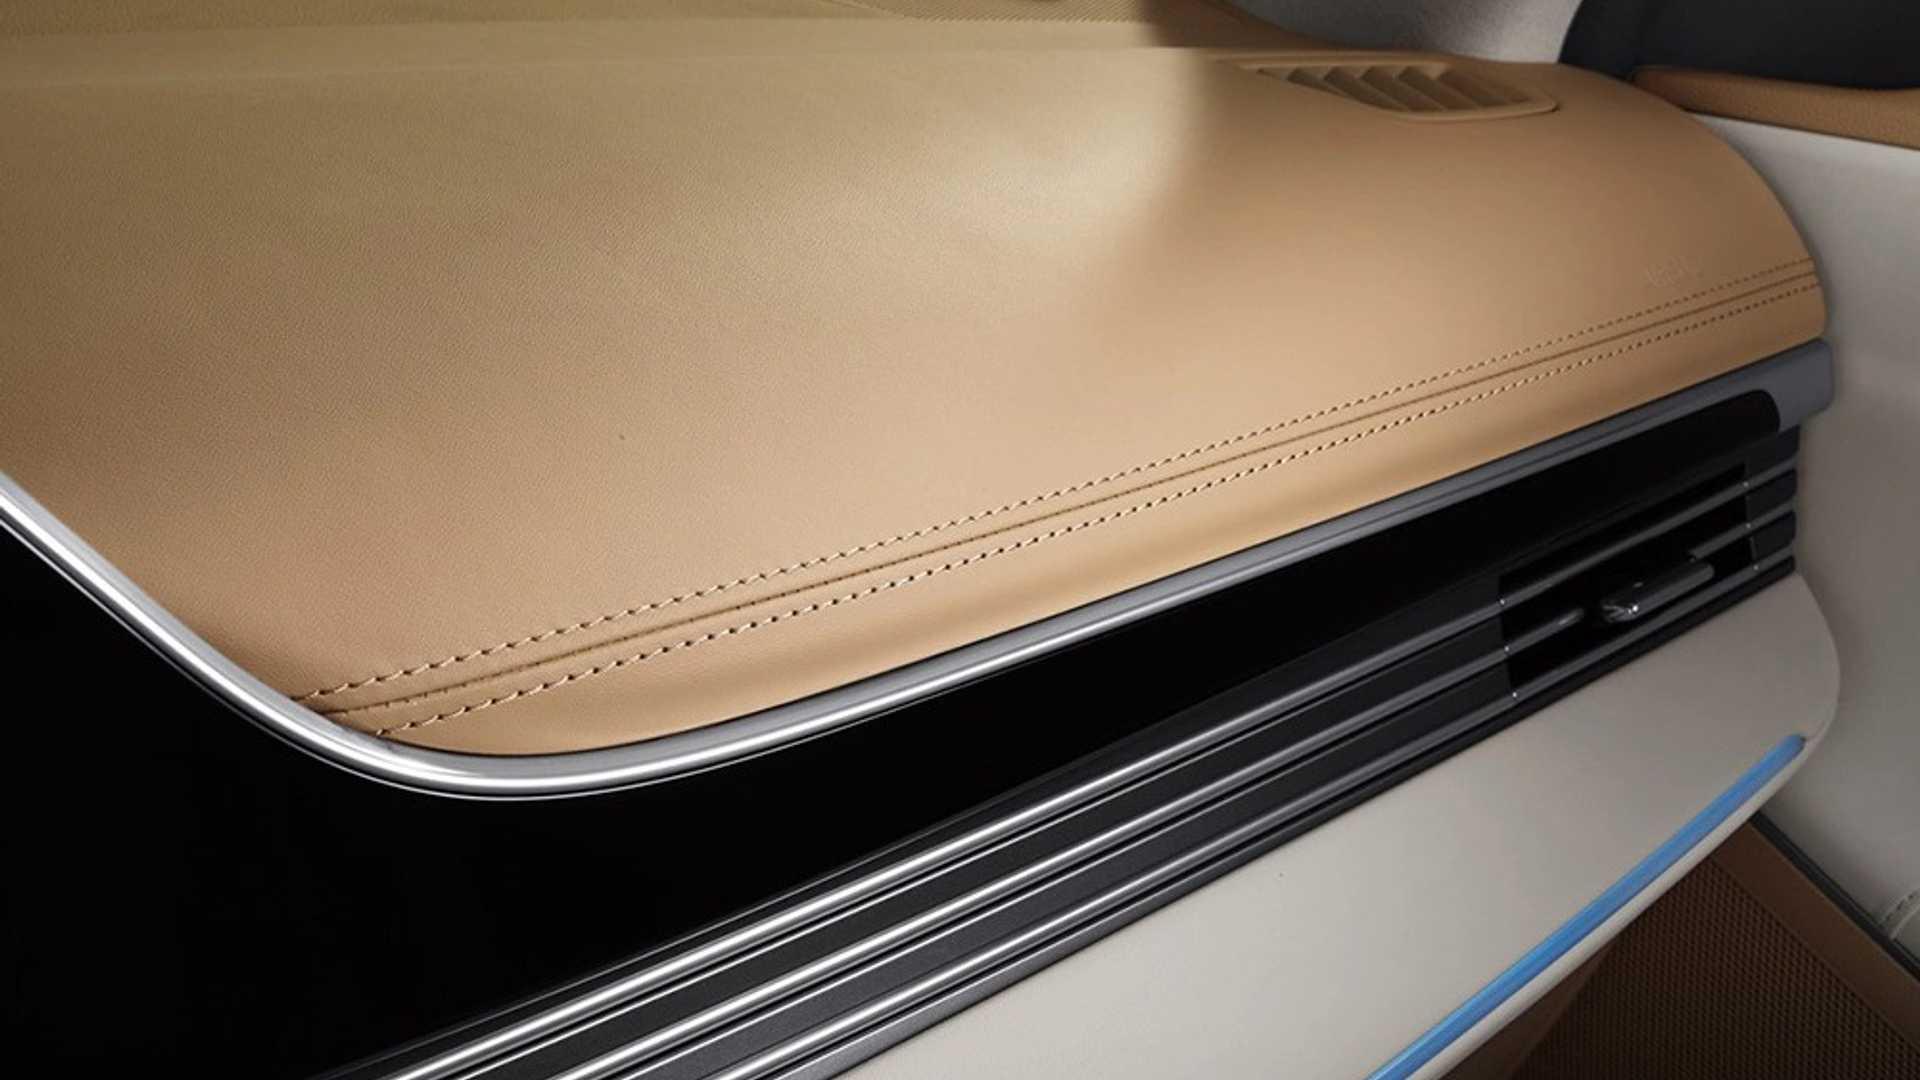 2020_Hyundai_Grandeur_Facelift_0006